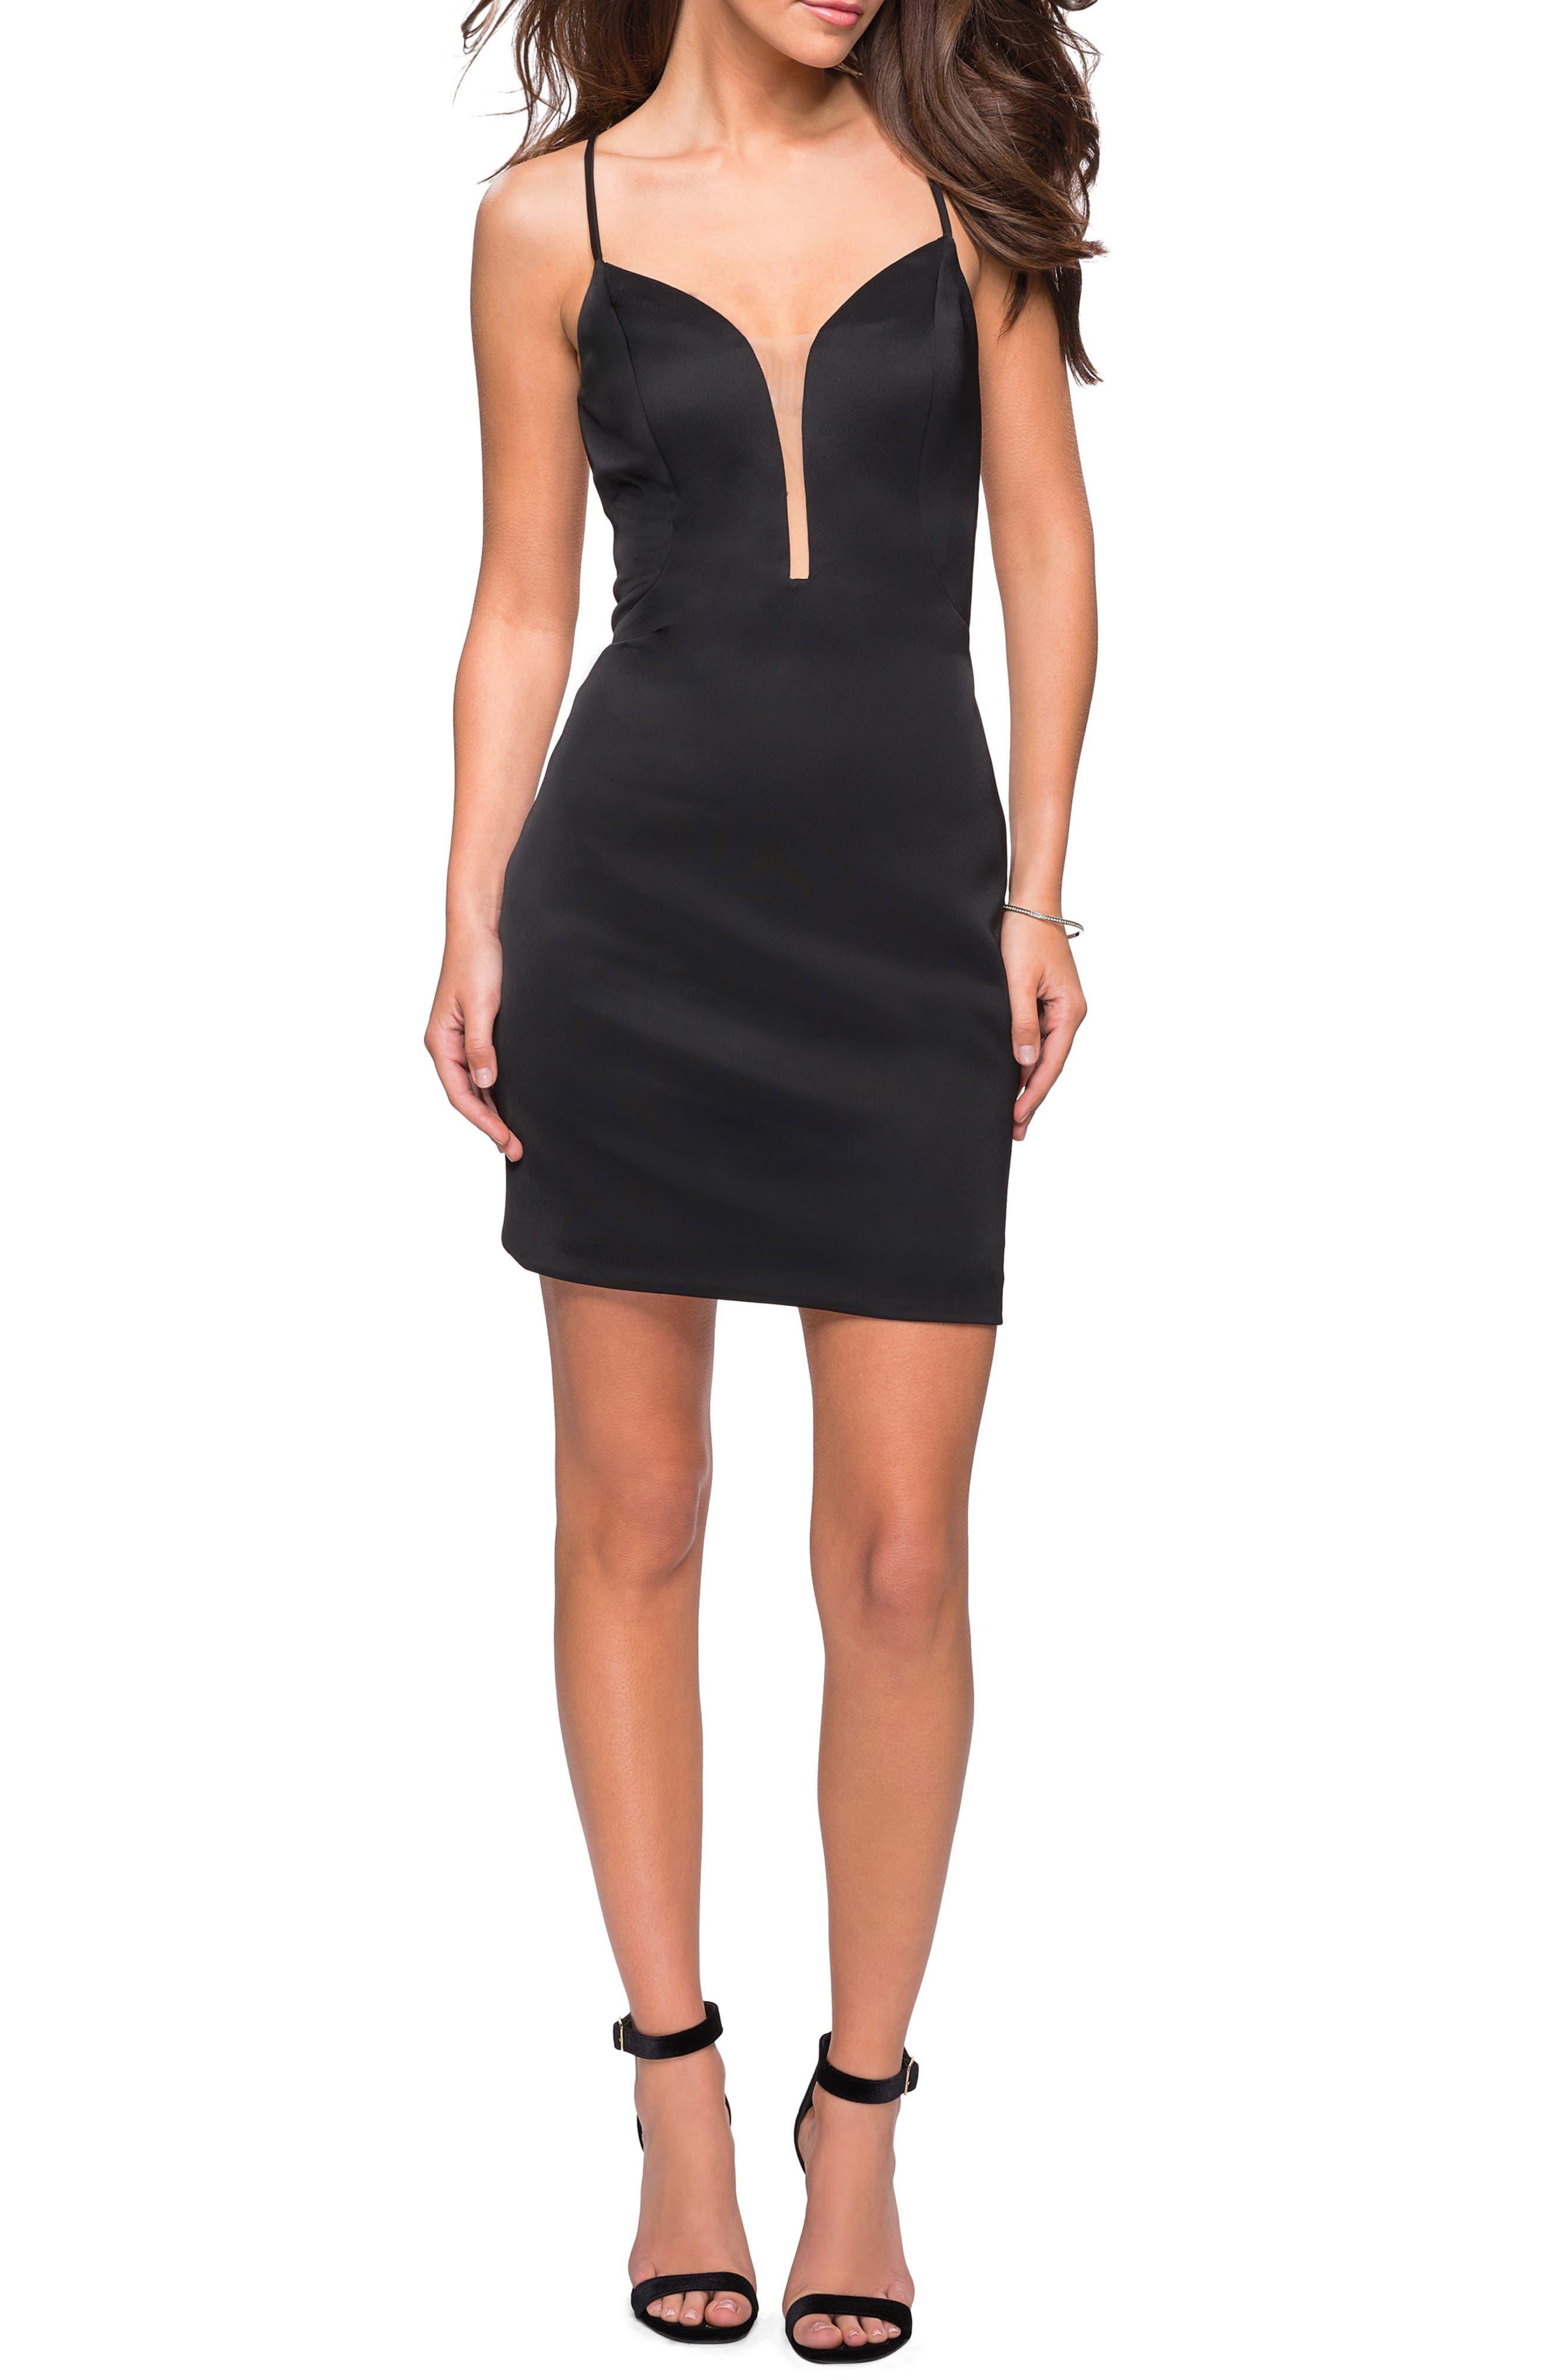 La Femme Strappy Back Satin Party Dress, Black